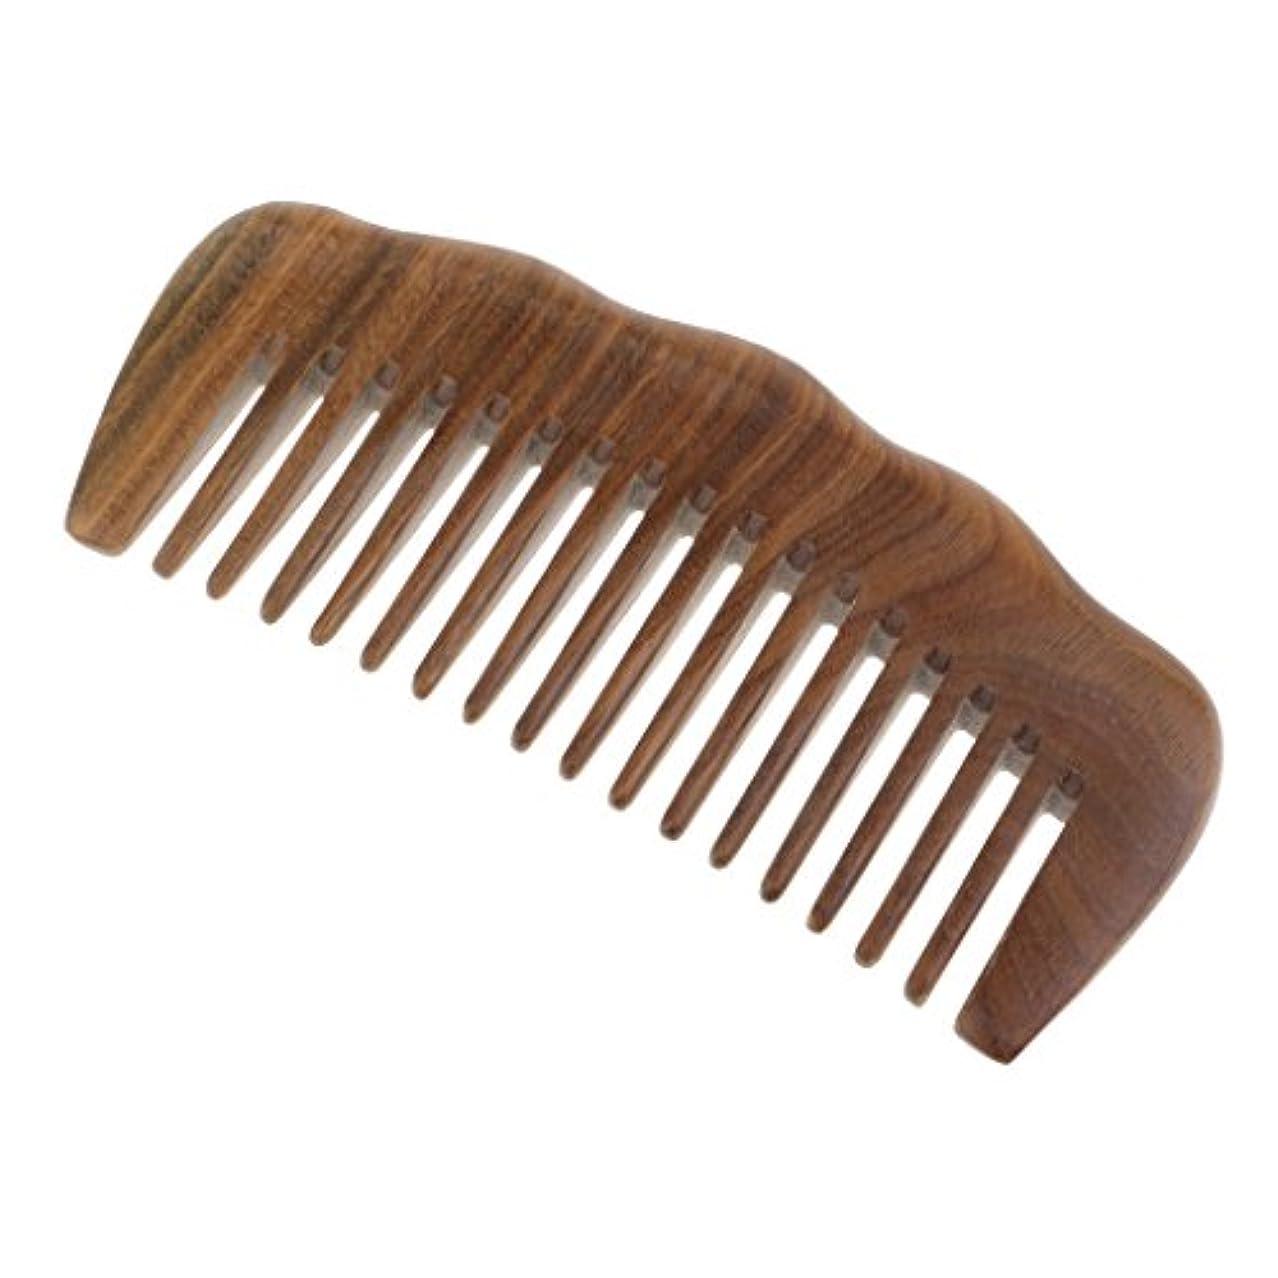 書士ボール紳士Toygogo 緑のサンダルウッドの毛の櫛-巻き毛のための広い歯の木製のもつれの櫛-静的な自然な香りの木材の櫛